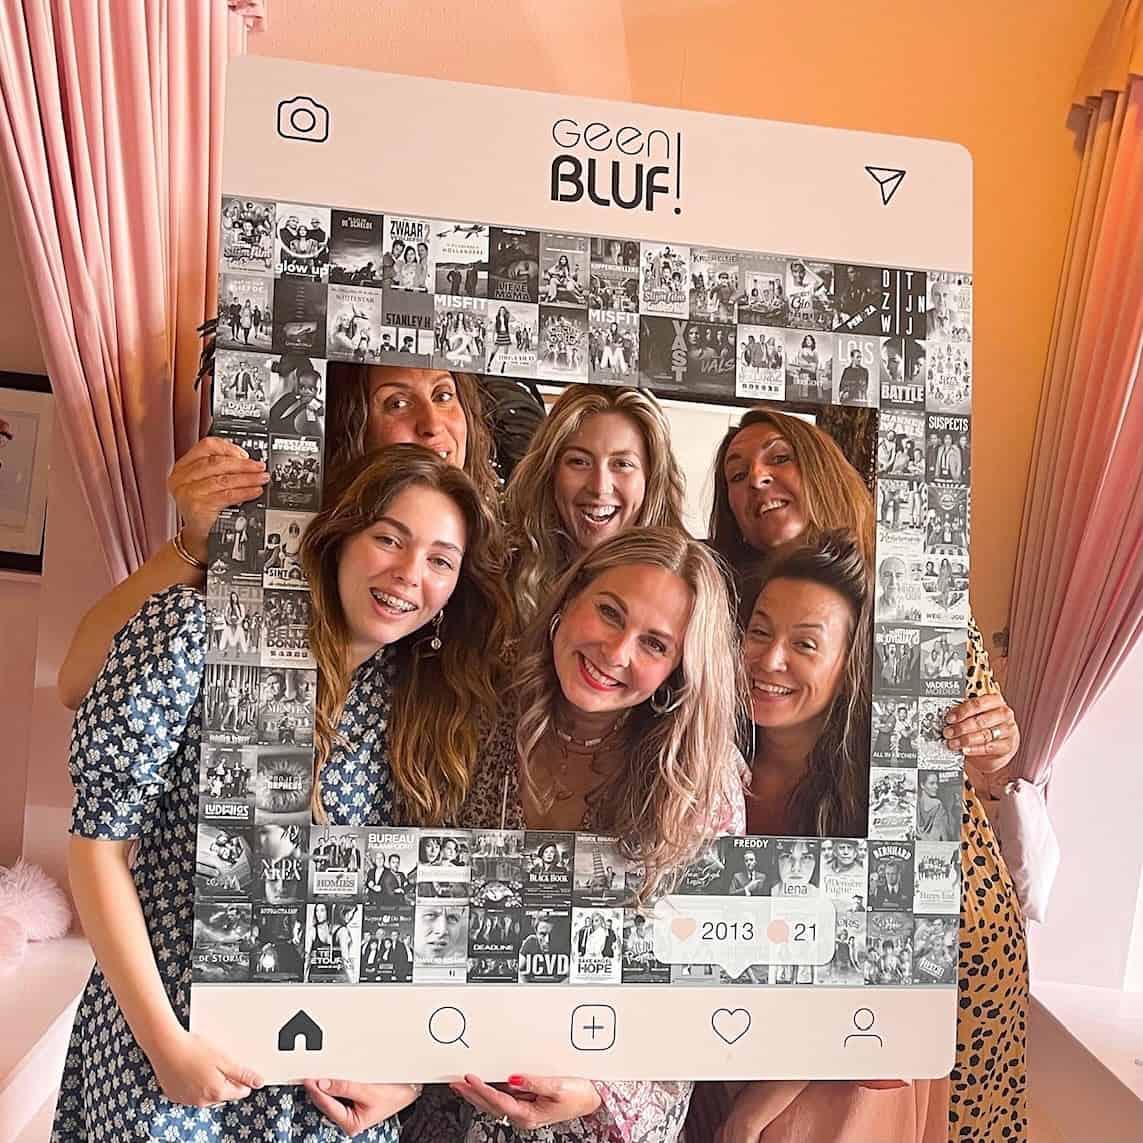 Social Media bord kopen - Social Frame XL - Geen Bluf frame XL